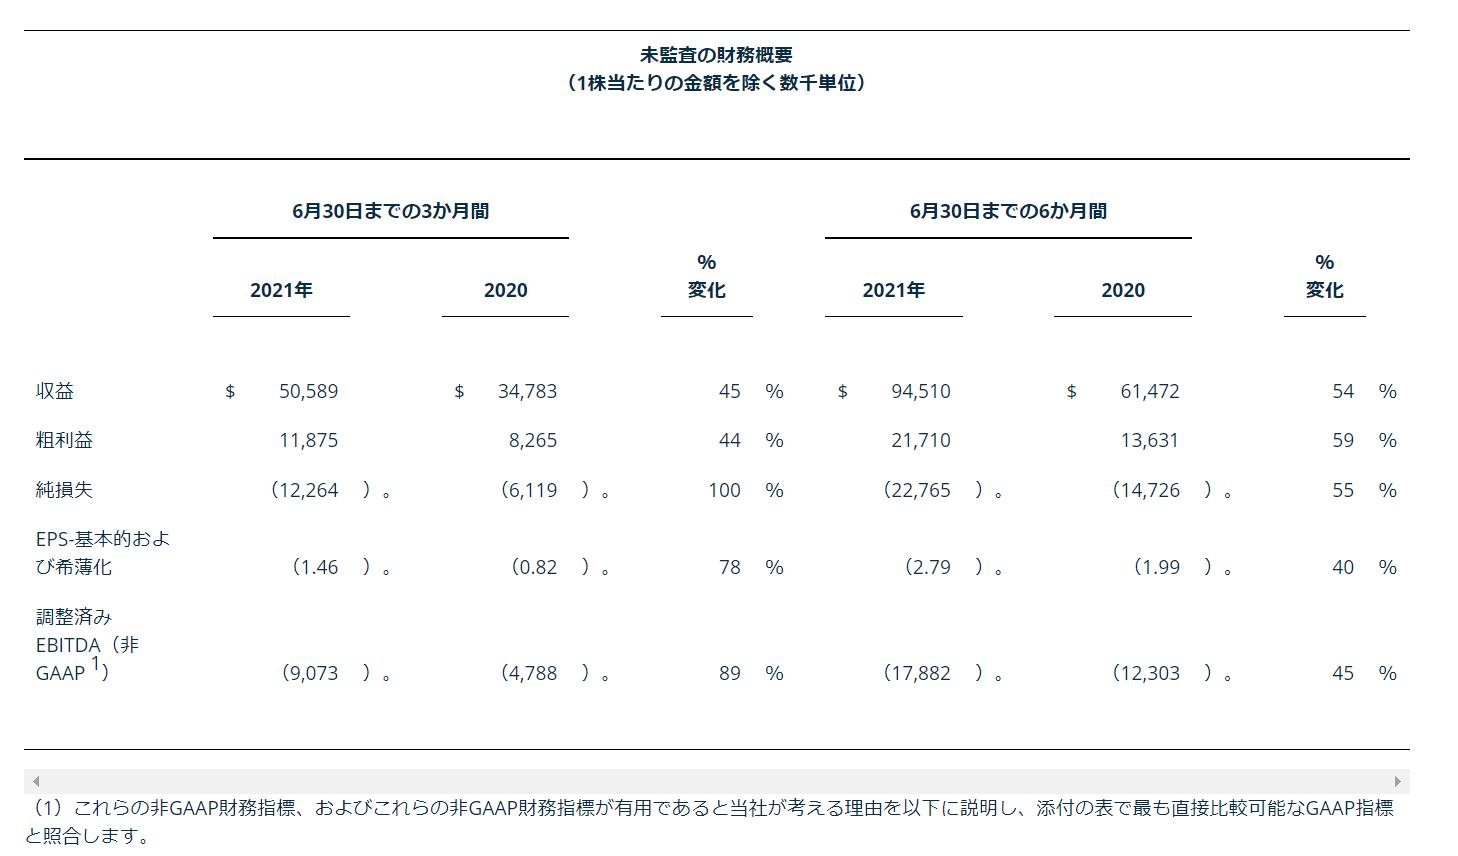 ゾーメトリー(ゾメトリー)Xometry【XMTR】2021年8月第二四半期決算発表2Q ハイライト1